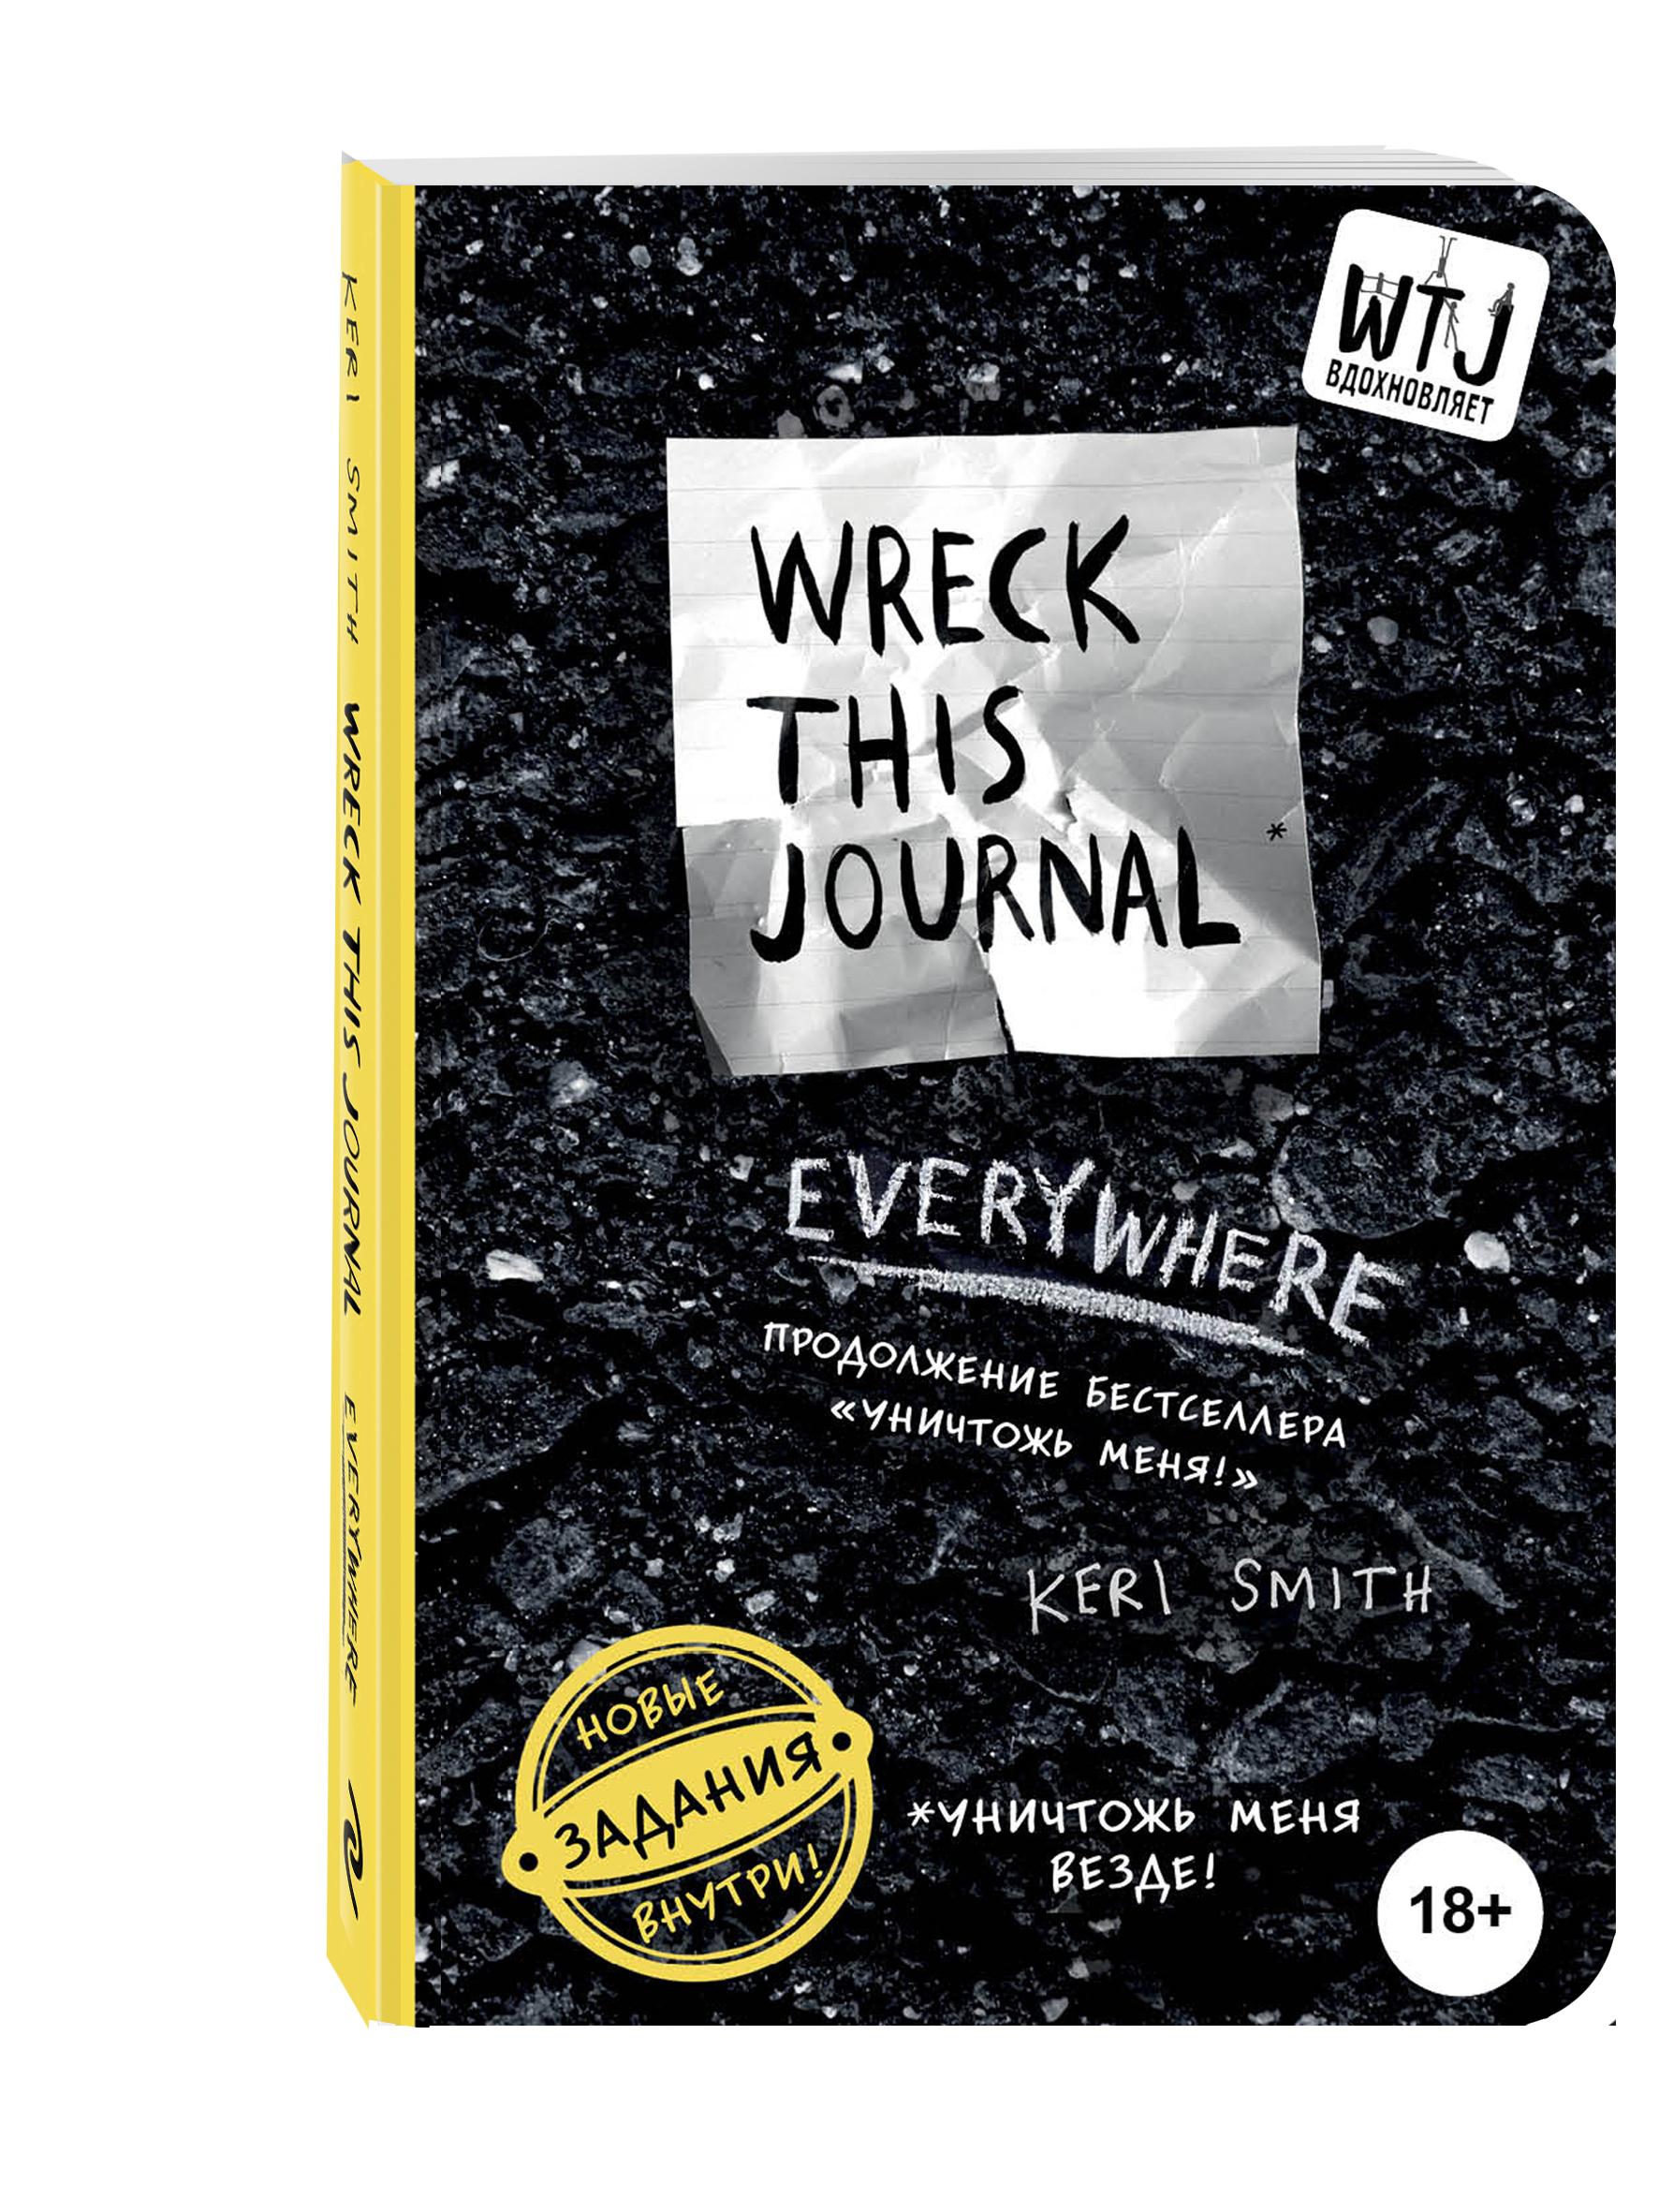 Уничтожь меня везде! (англ. название Wreck This Journal Everywhere) ( Кери Смит  )